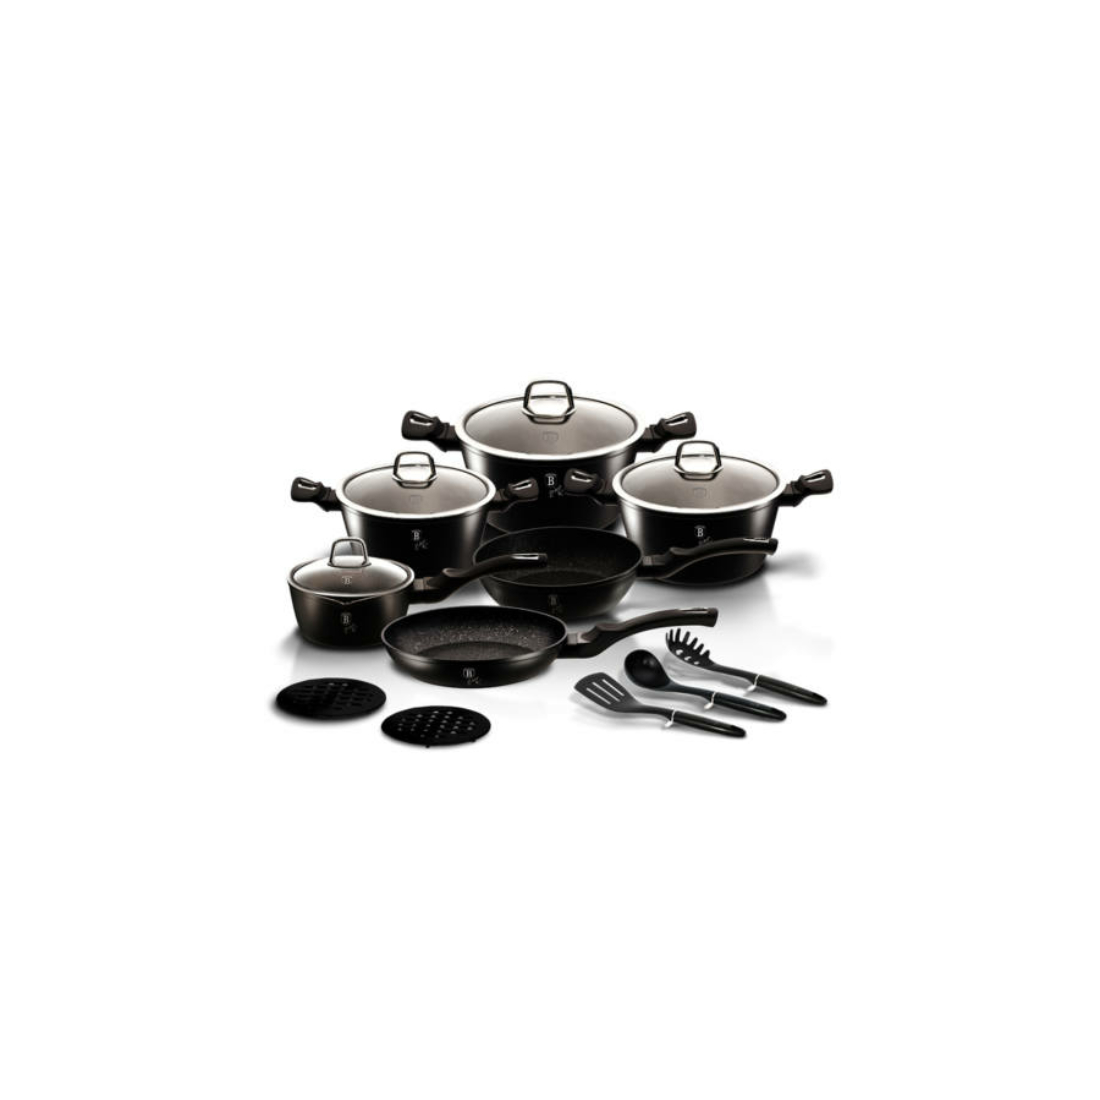 Berlinger Haus Black Silver Collection 15 részes edénykészlet márvány bevonattal, metál külső bevonattal, fekete